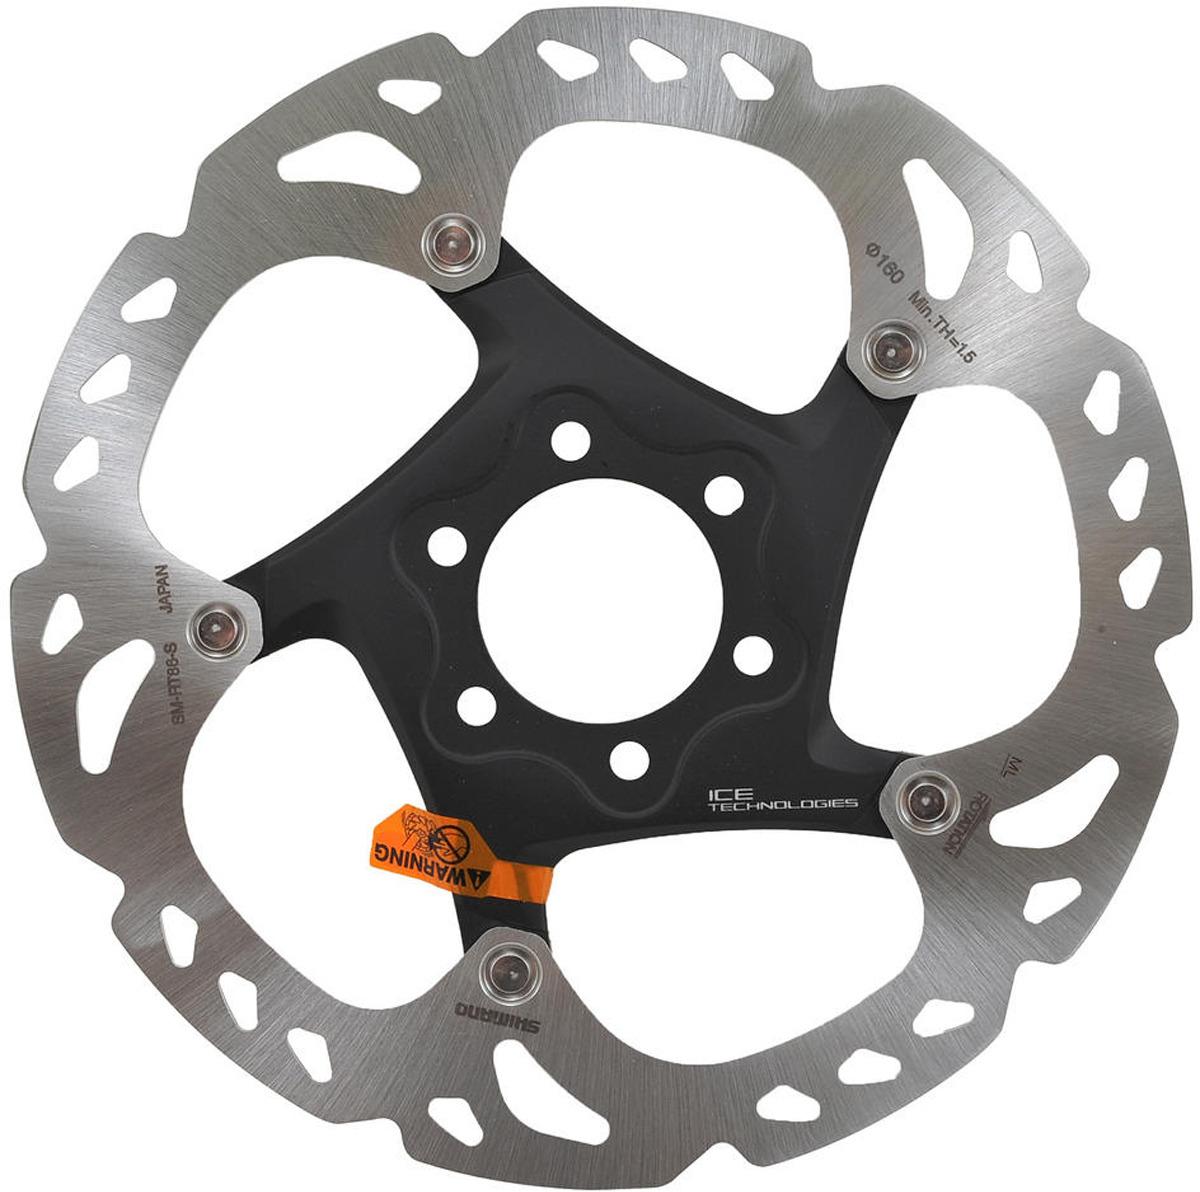 Тормозной диск для велосипела Shimano XT, RT86, 160 мм, 6-болт, ISMRT86S2